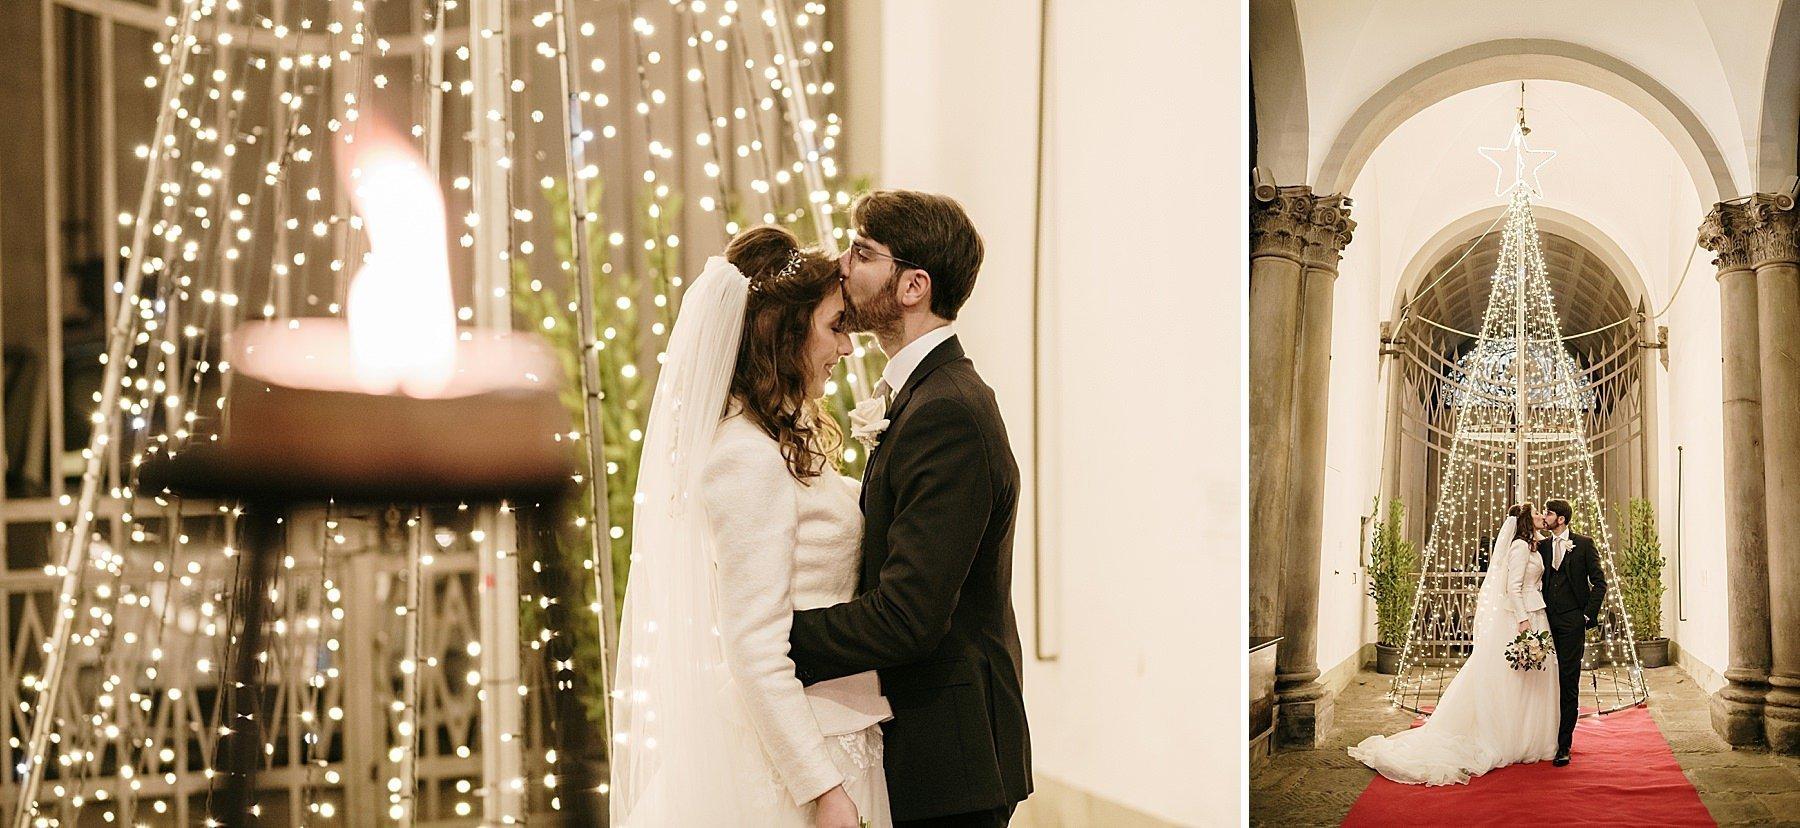 fotografia di matrimonio a firenze in inverno 759